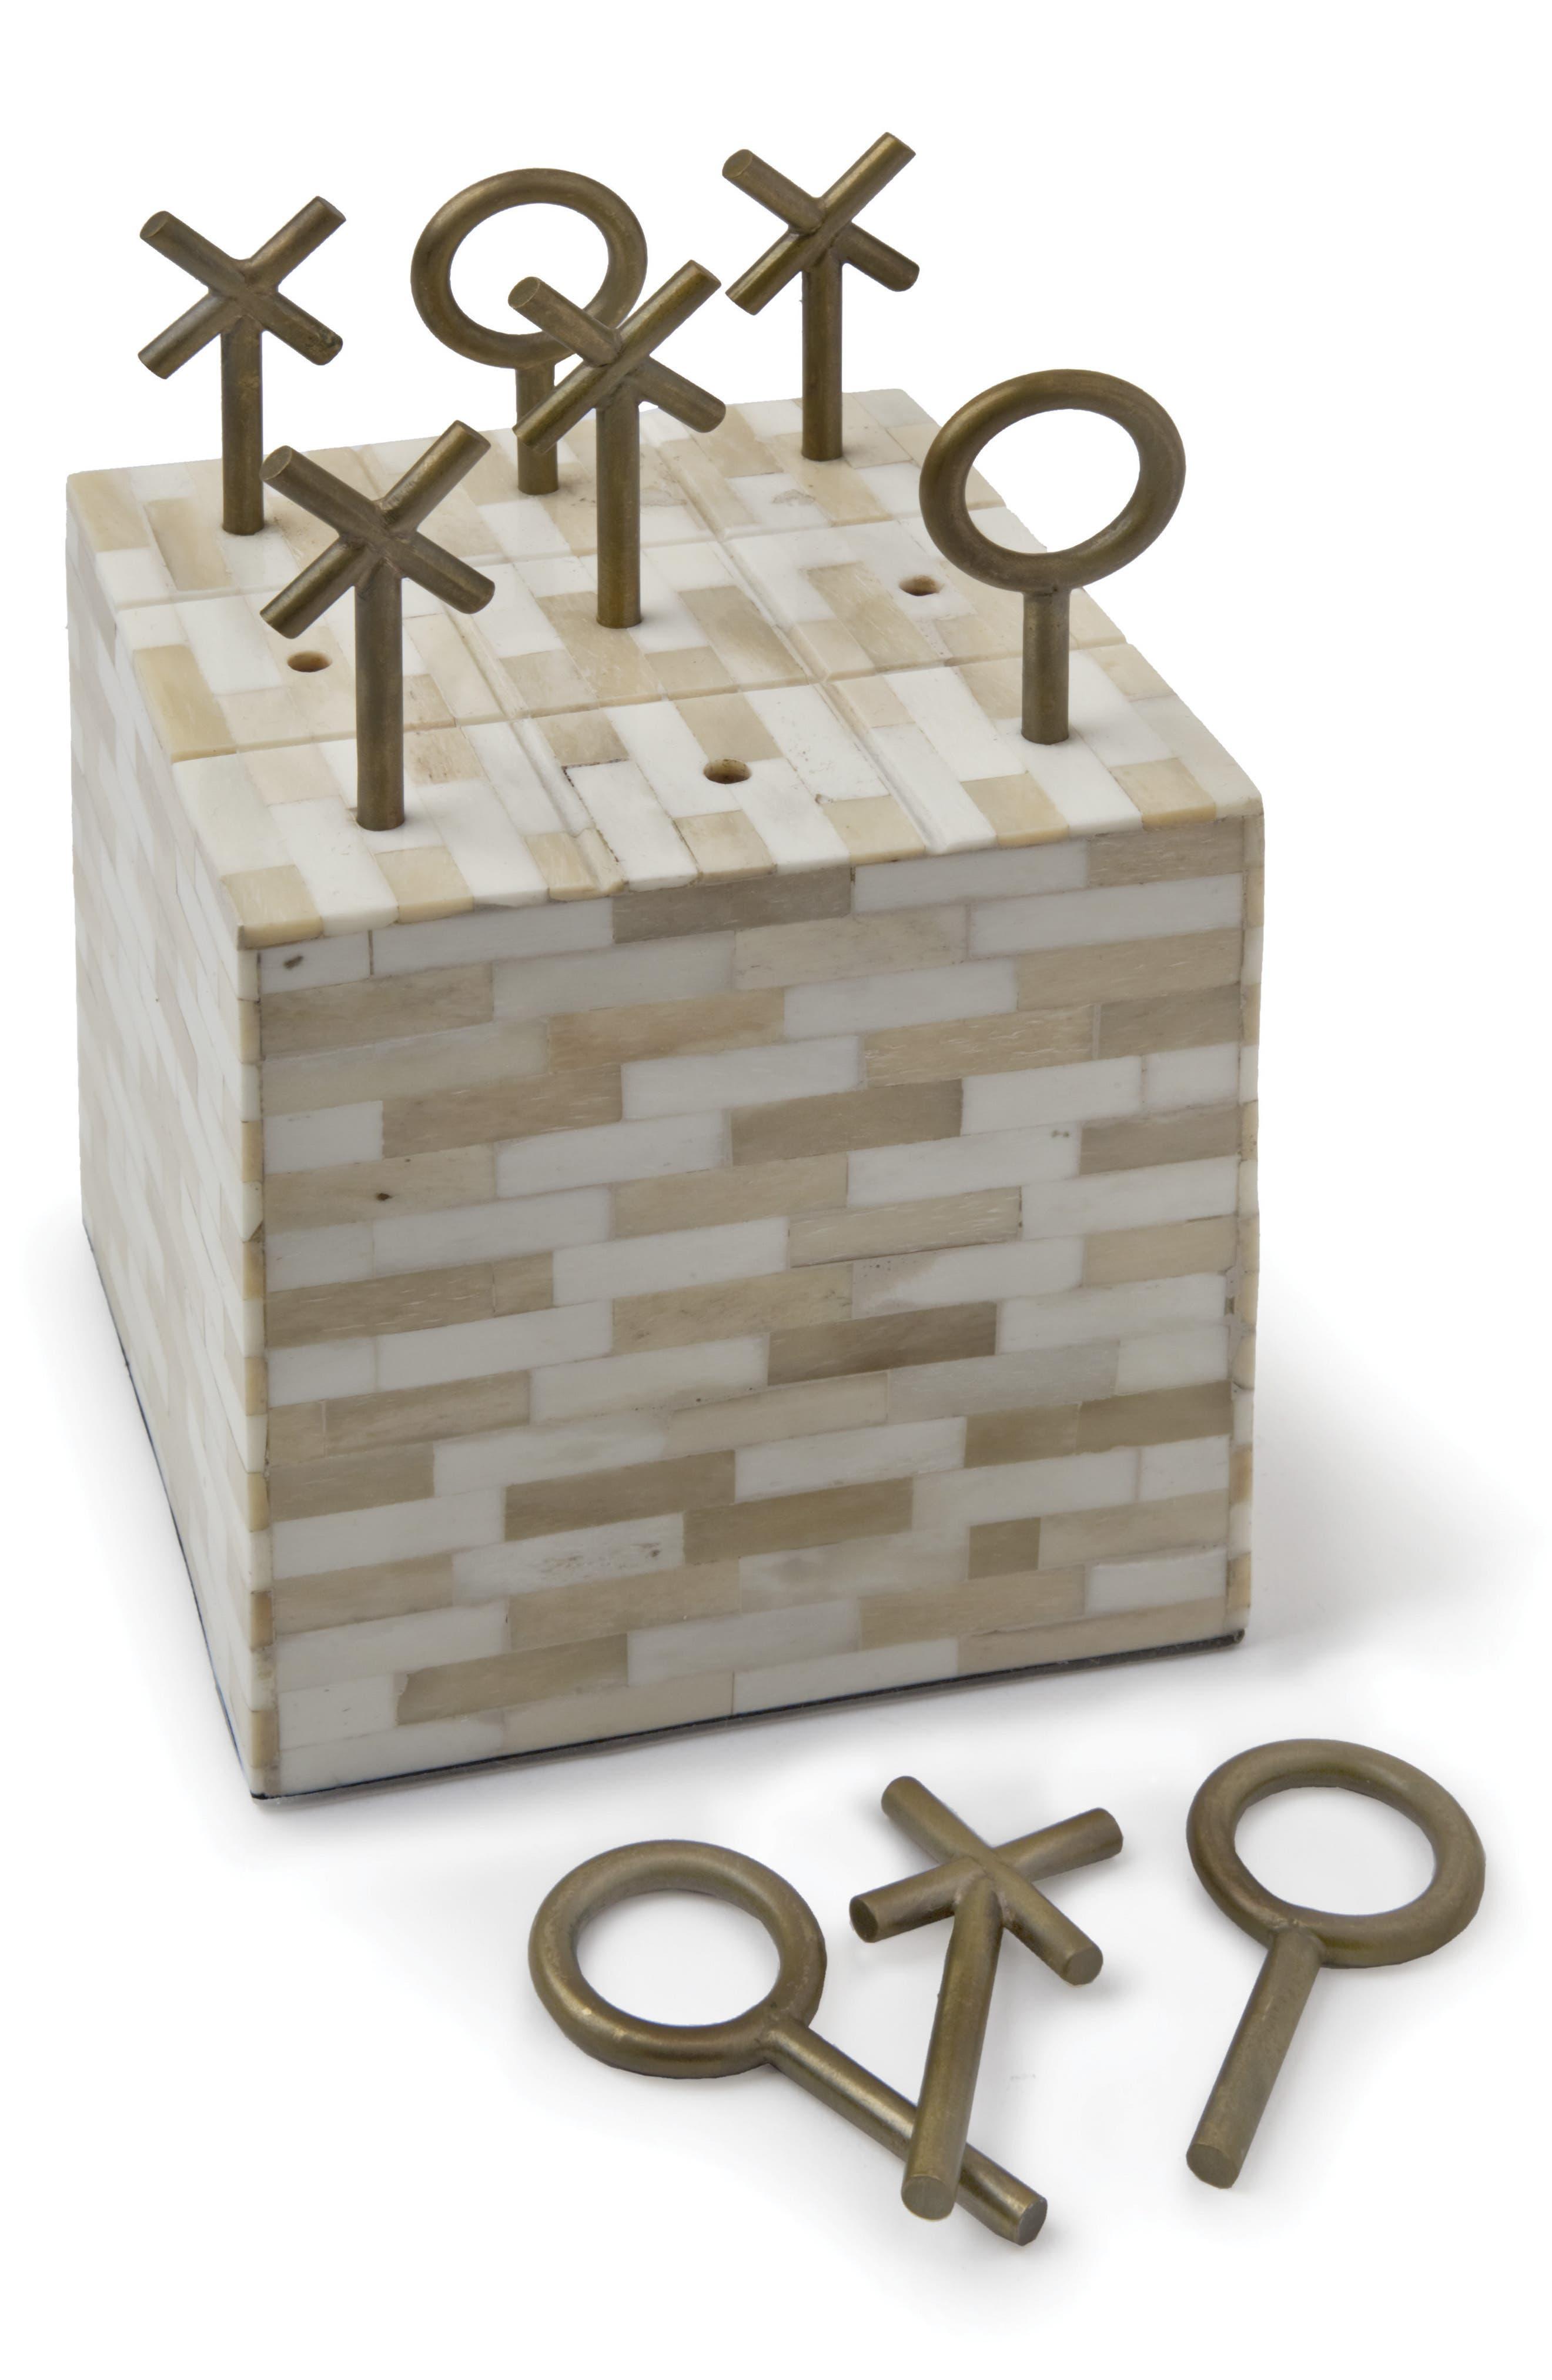 Tic Tac Toe Block Game,                         Main,                         color, Bone Multi Color